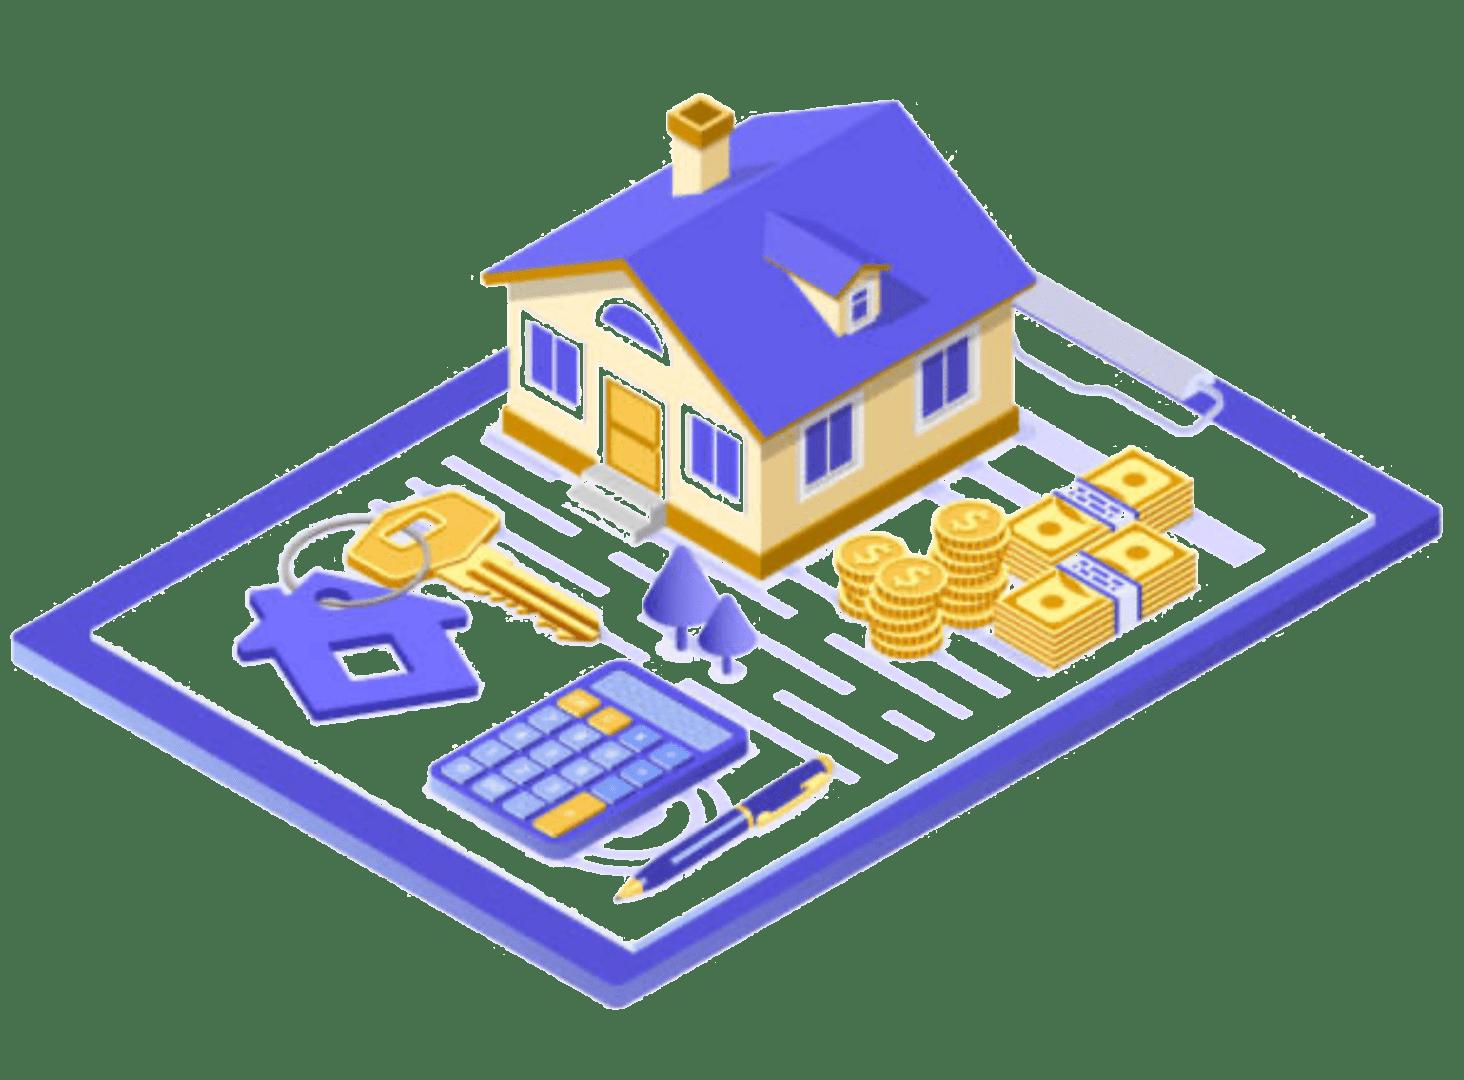 Baufinanzierung mit YourBauFiplus von CURENTIS